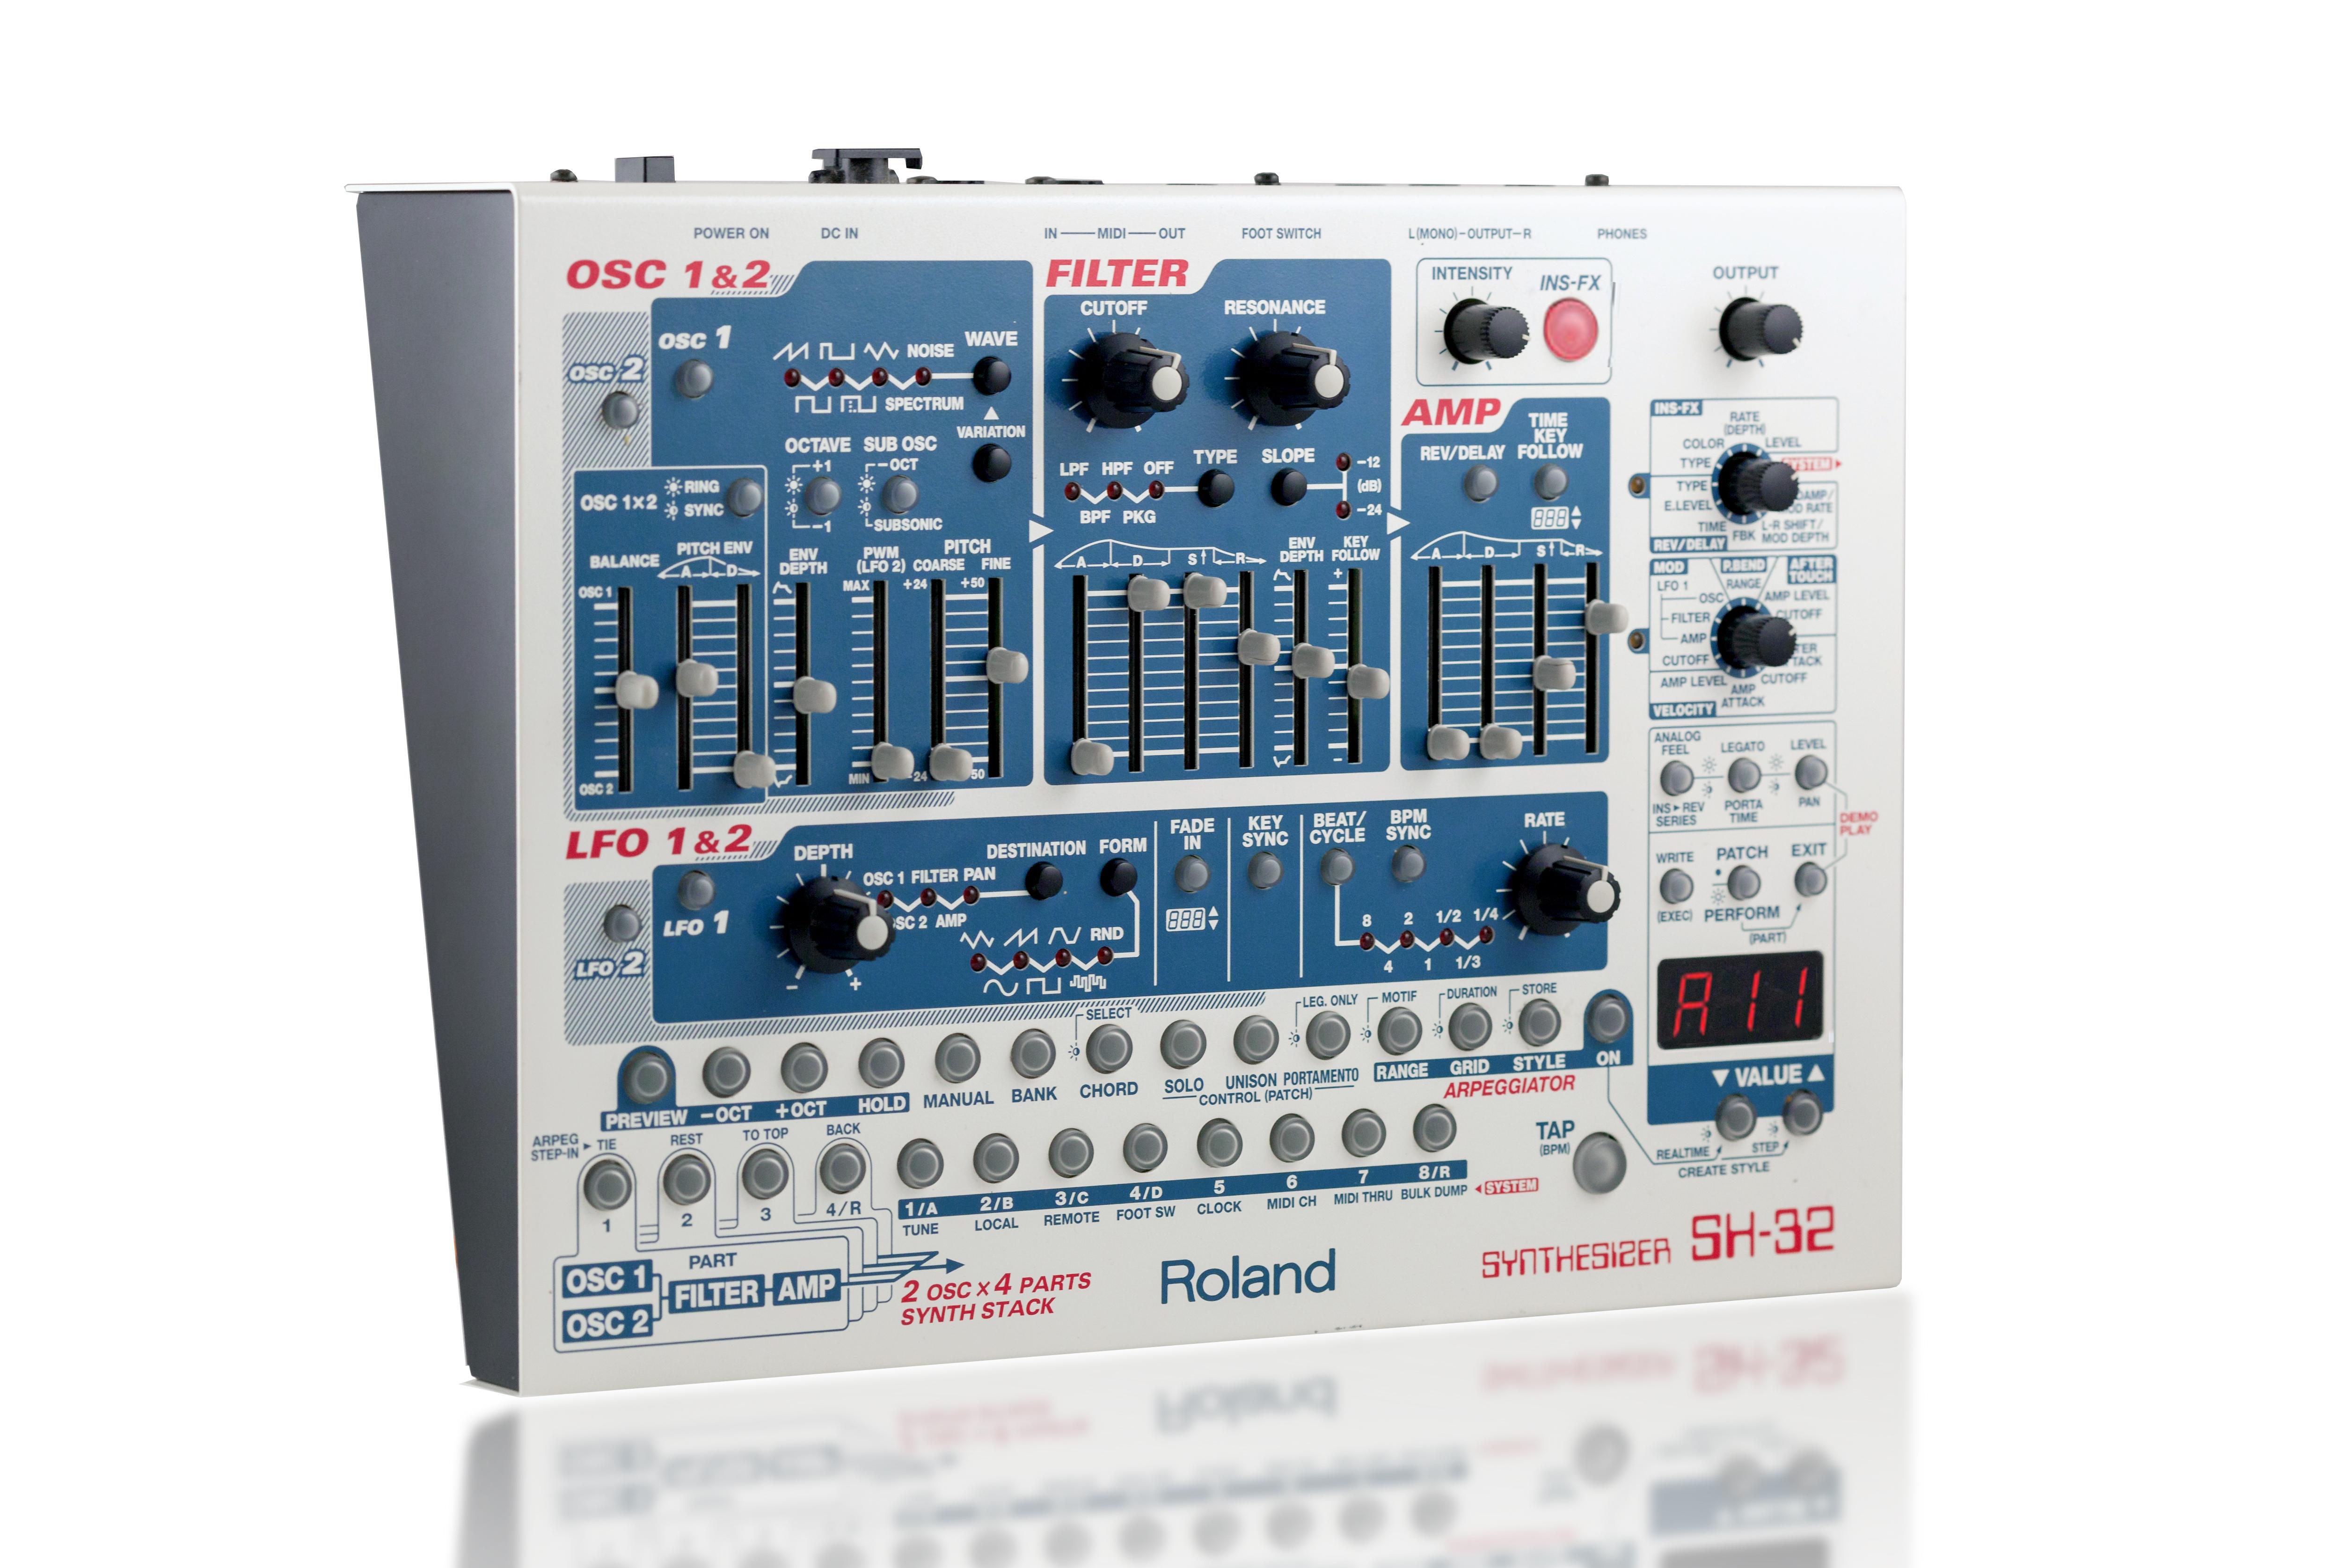 roland aira sh-2 plug-out pg-sh2-r